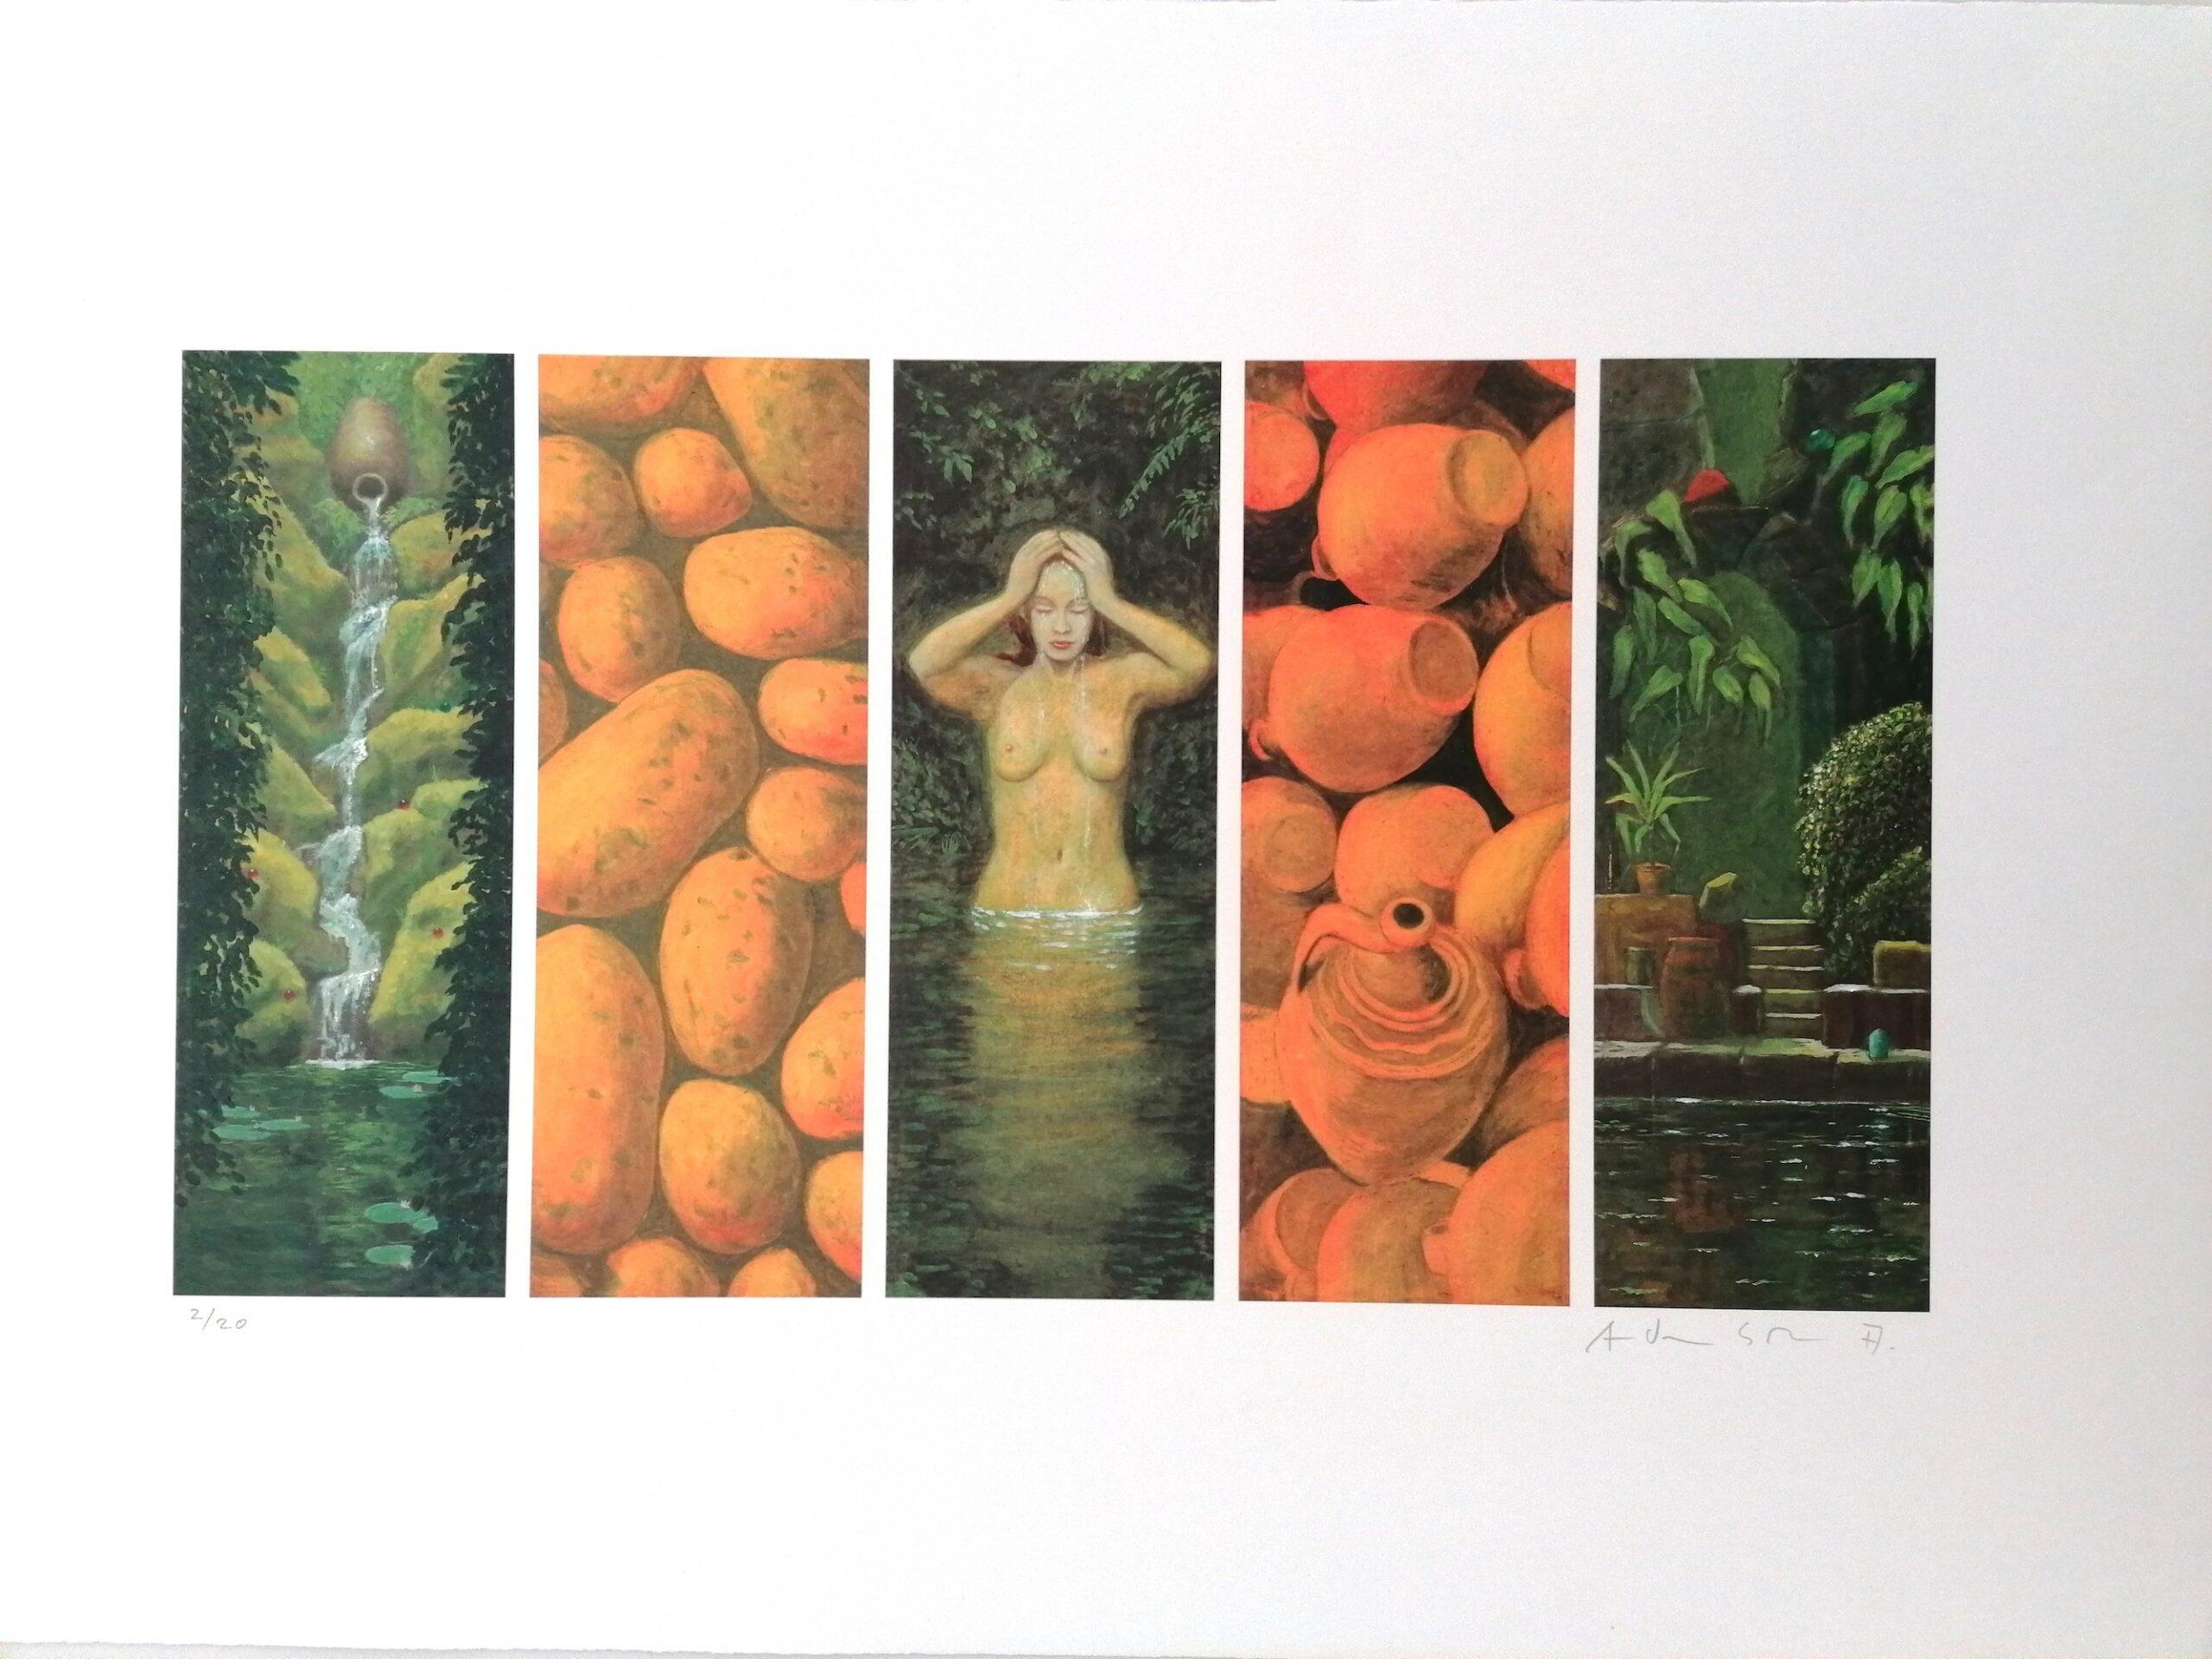 Scholz, Andreas, Kunst, Galerie Voigt, Nürnberg